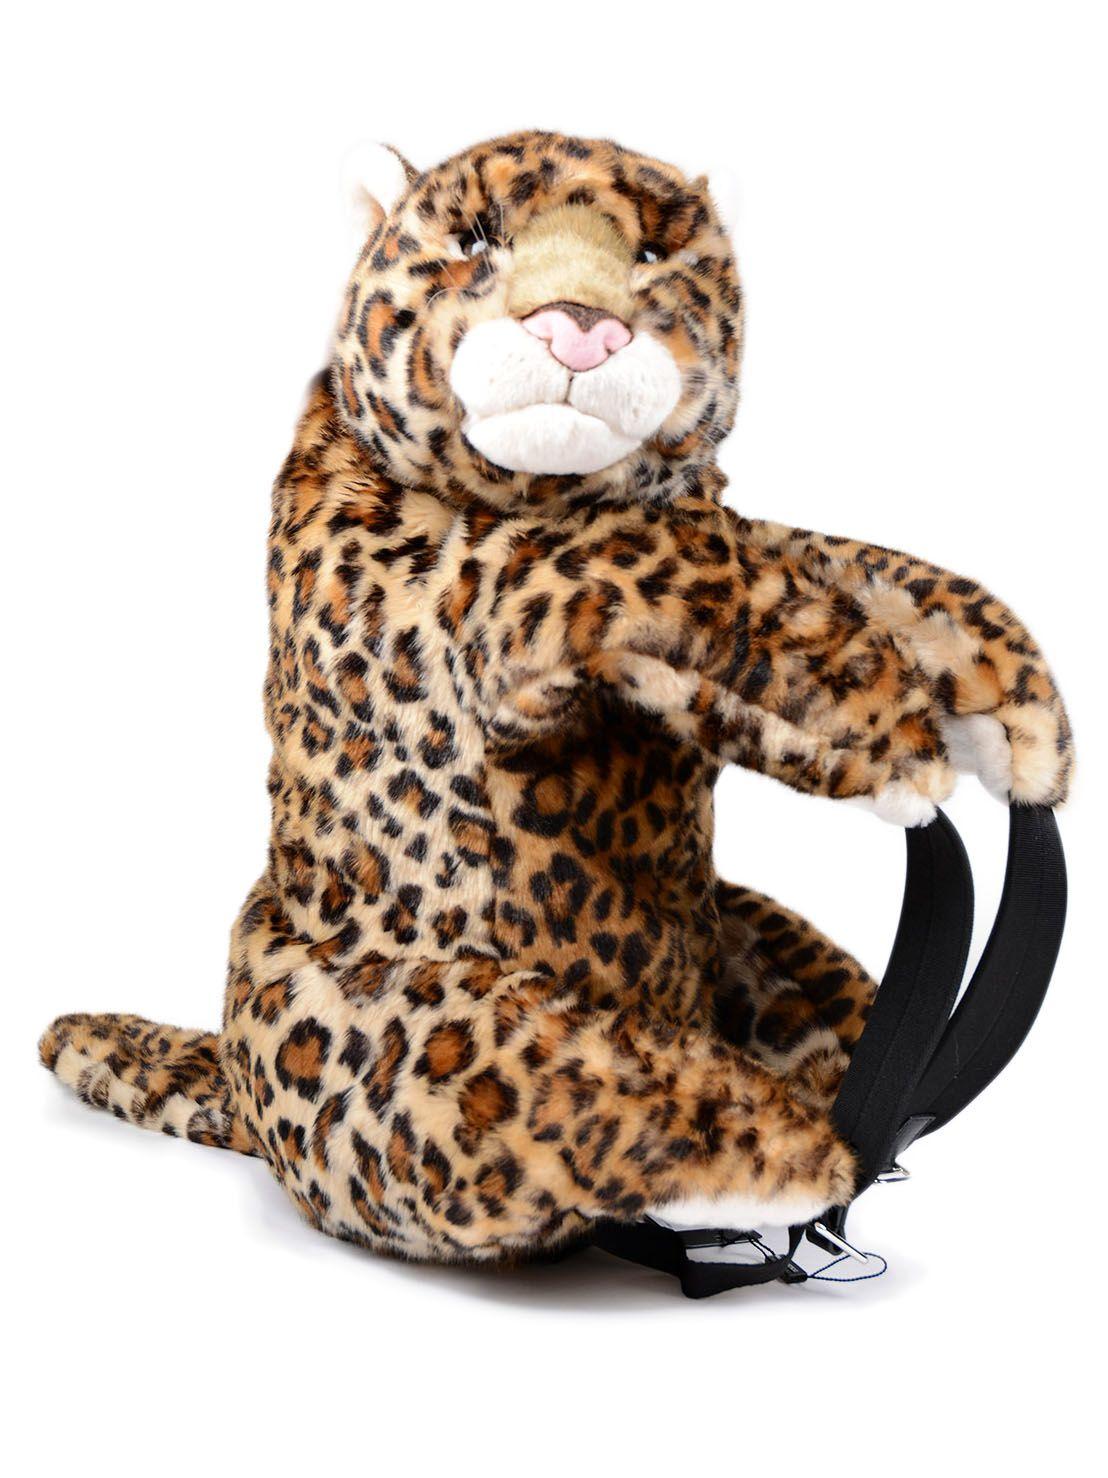 Dolce & Gabbana Dolce & Gabbana Leopard Shaped Backpack